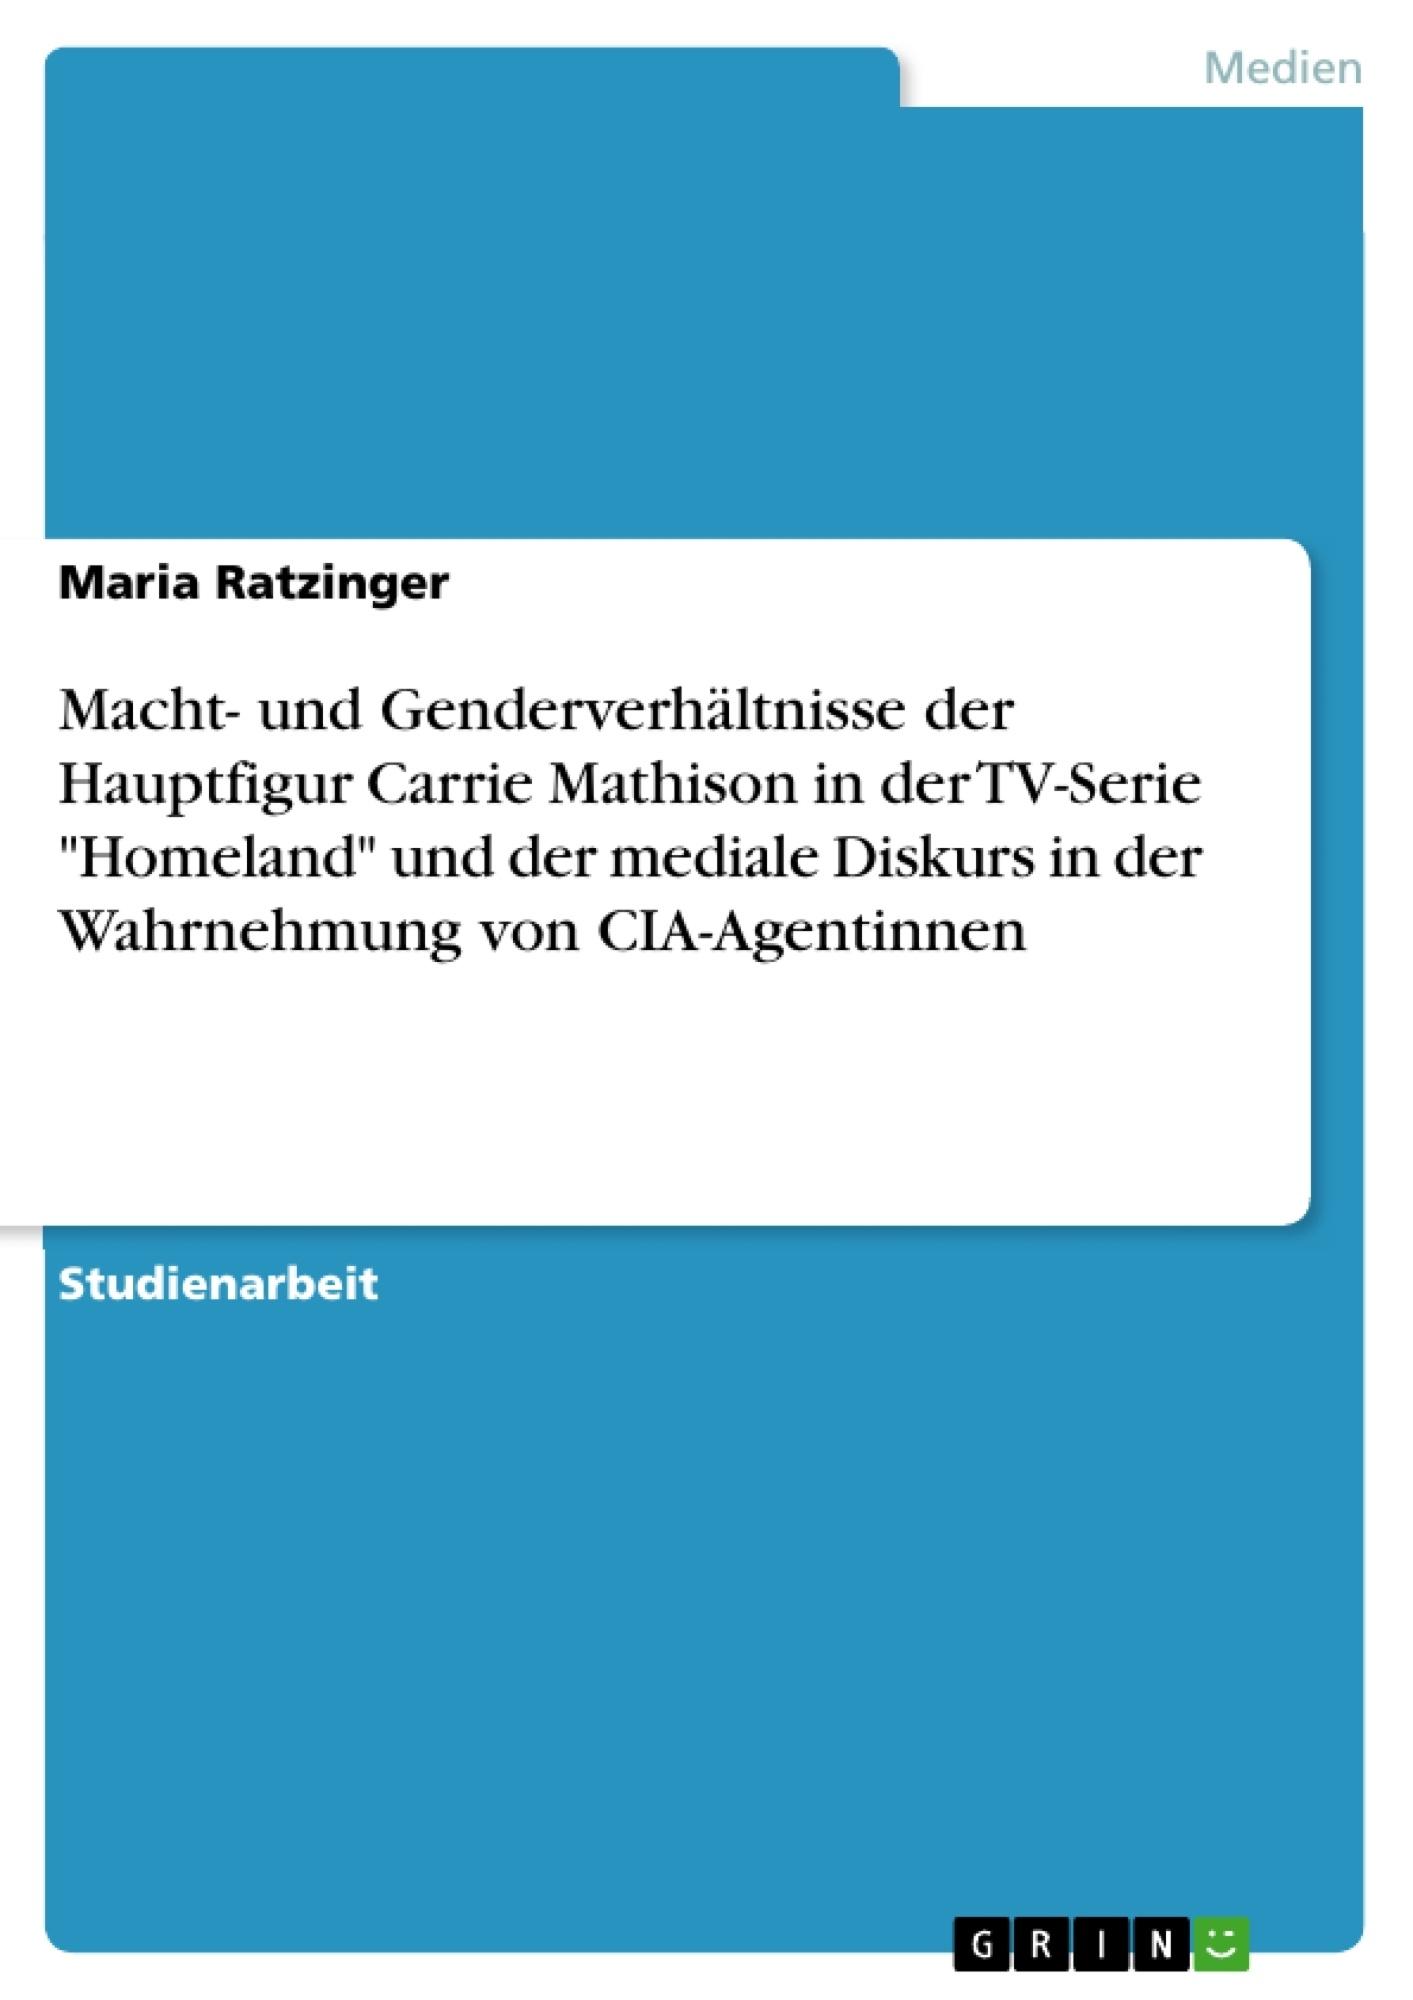 """Titel: Macht- und Genderverhältnisse der Hauptfigur Carrie Mathison in der TV-Serie """"Homeland"""" und der mediale Diskurs in der Wahrnehmung von CIA-Agentinnen"""